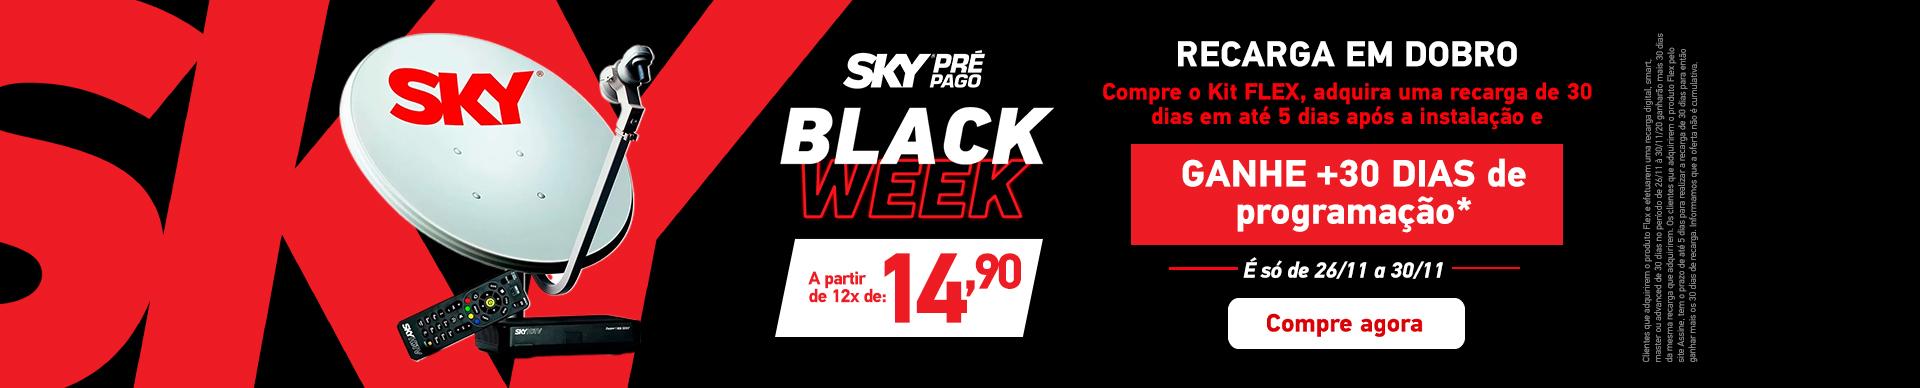 Black Friday Pré-pago, adquira uma recarga de 30 dias e ganhe mais uma de 30 dias. Válido de 26/11 a 30/11.